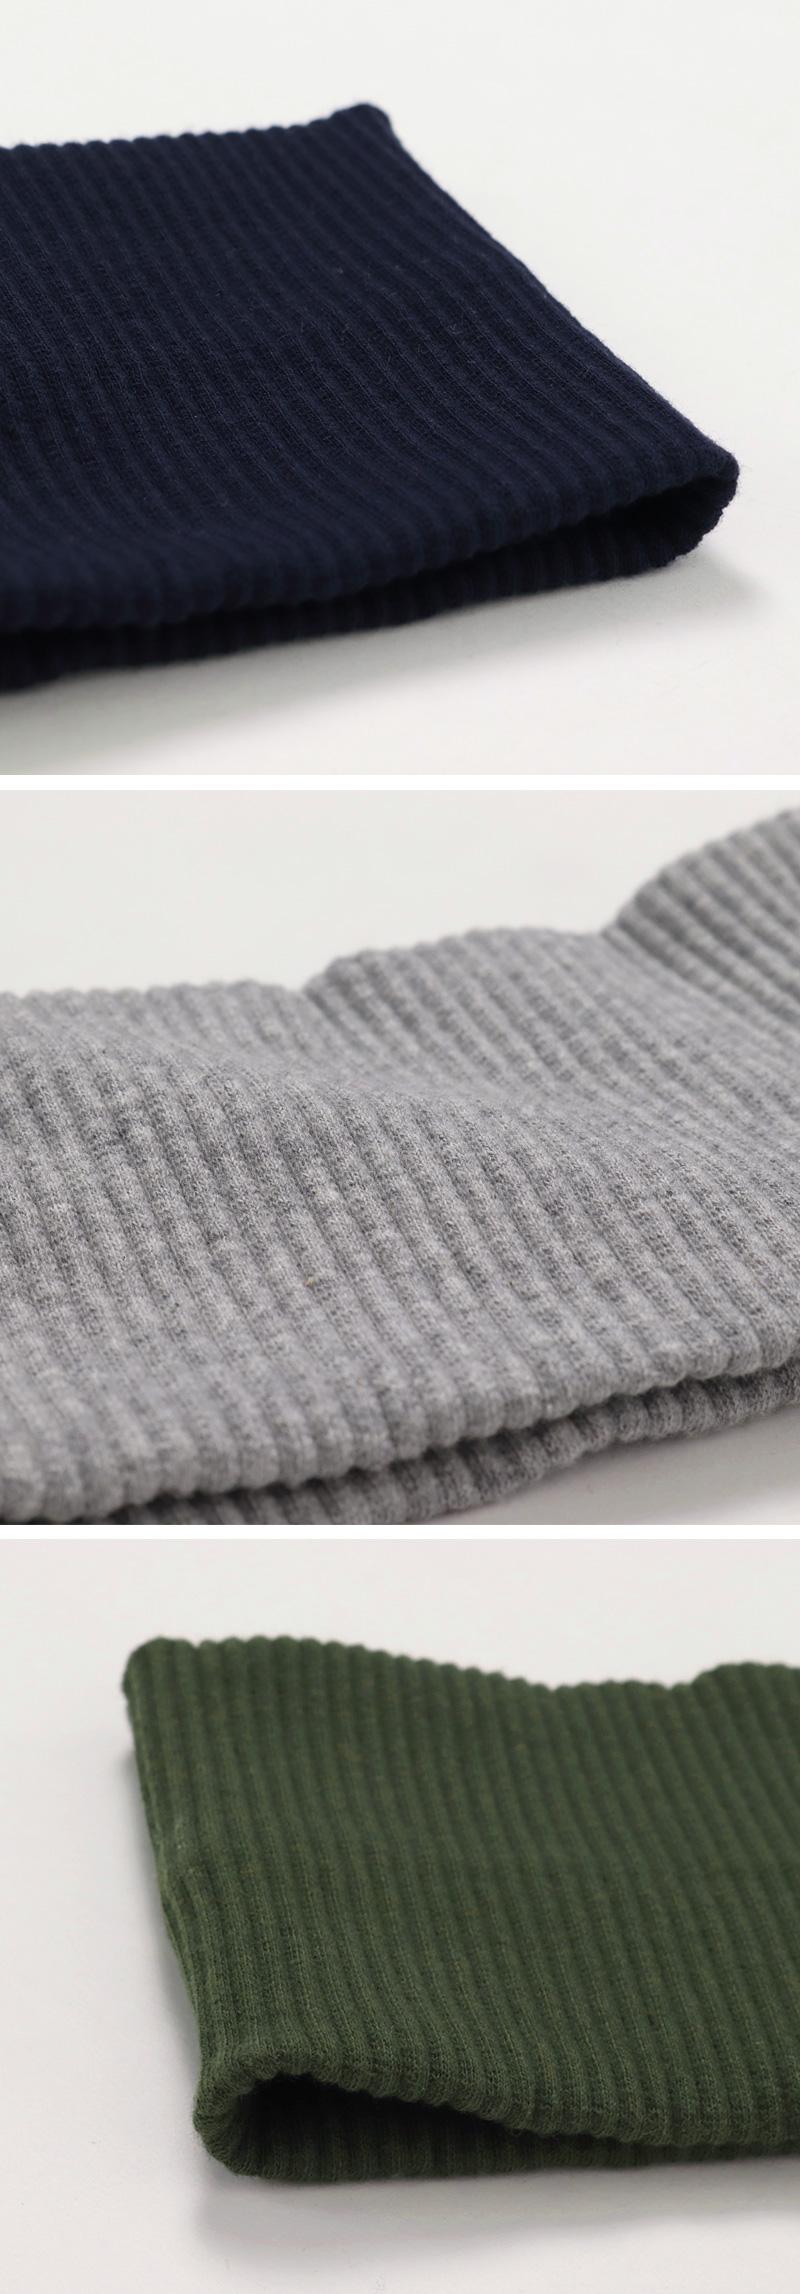 Saturday golgi cotton turban_B (size : one)